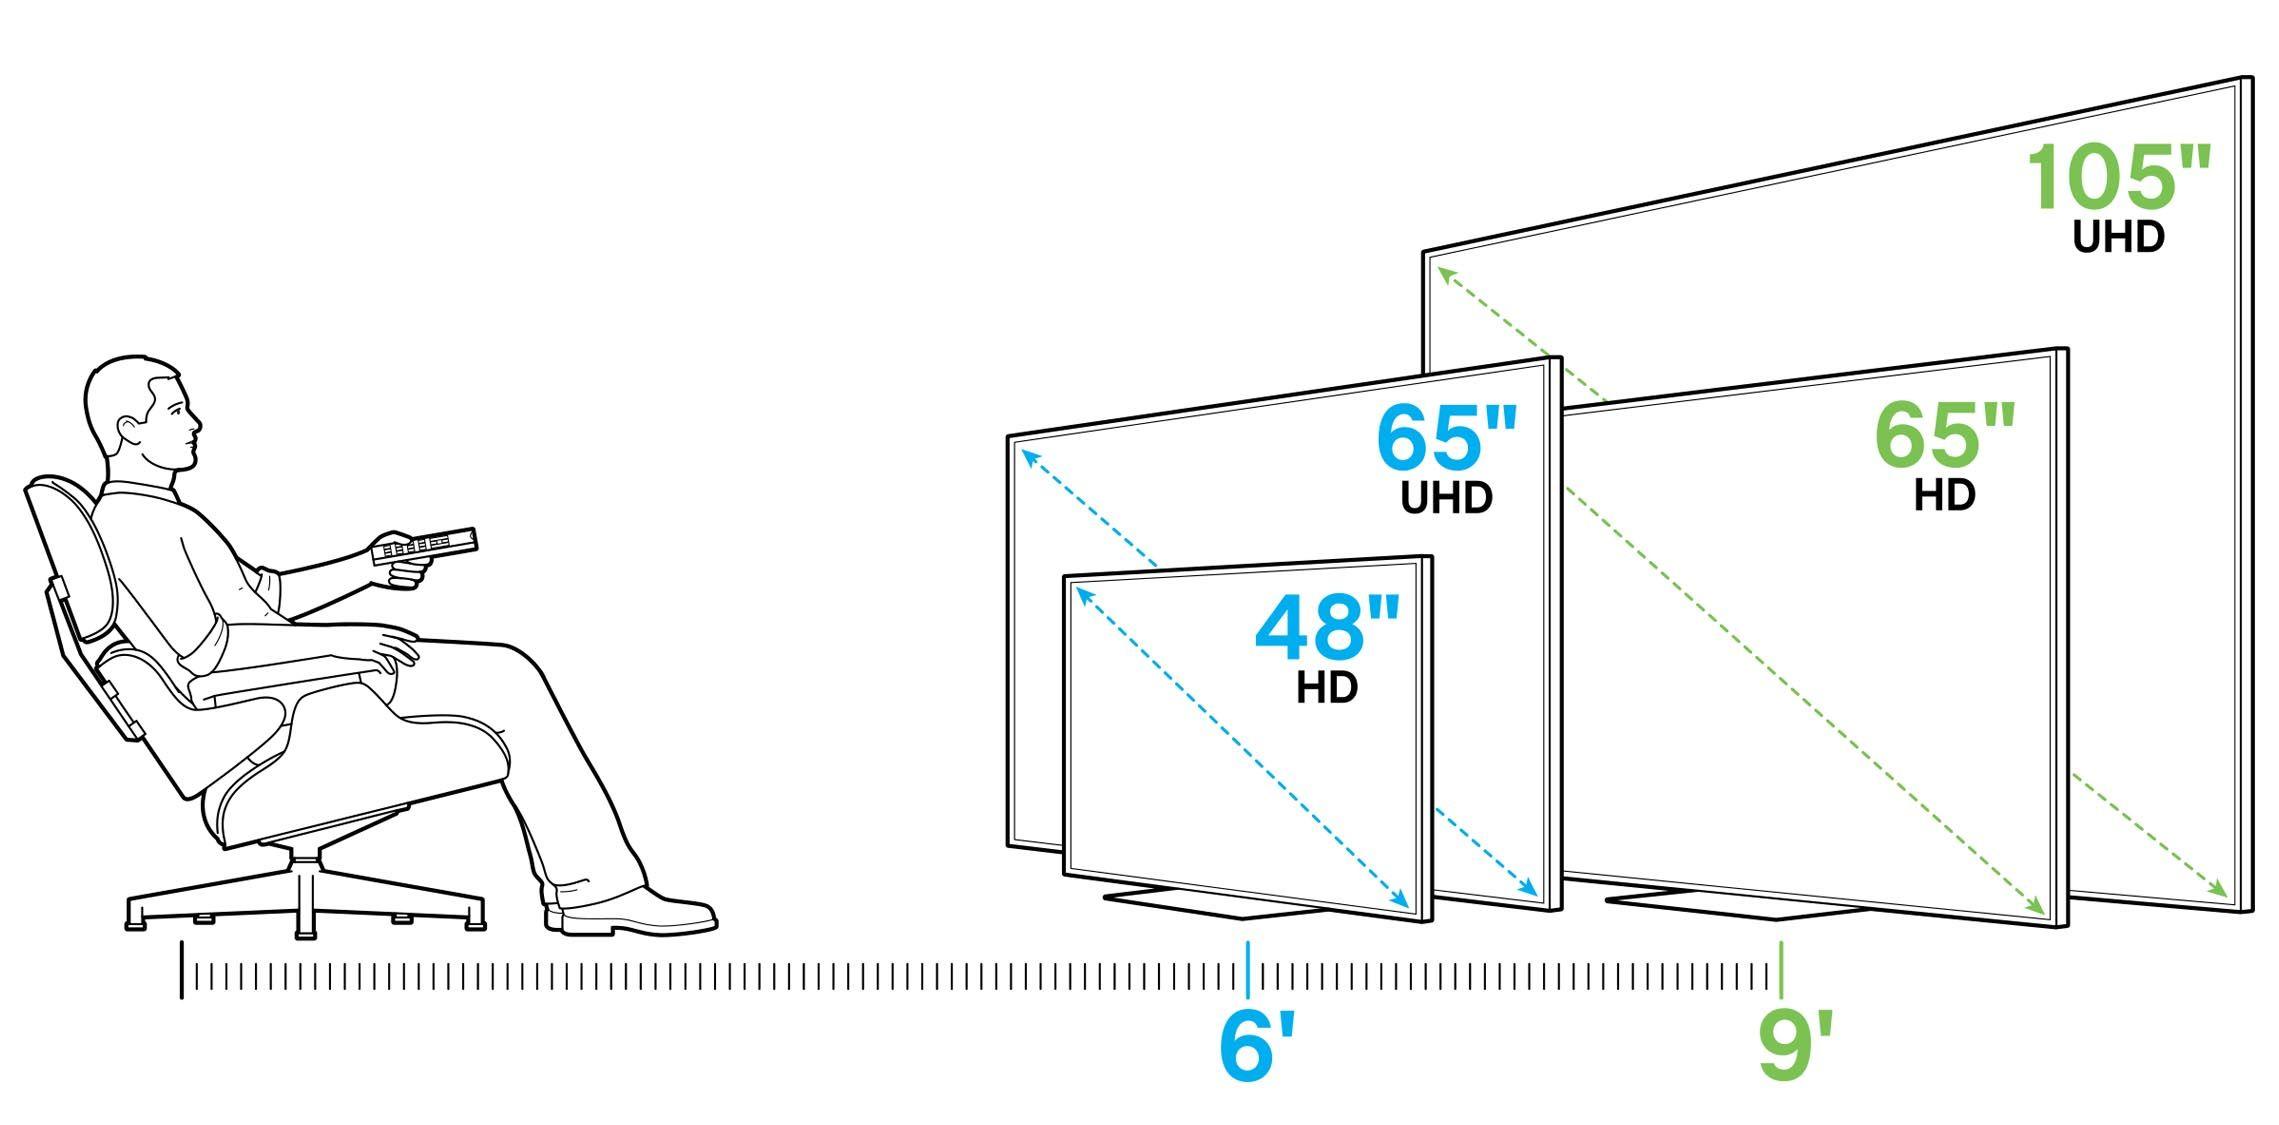 اندازه اولین و مهمترین معیار در خرید تلویزیون است